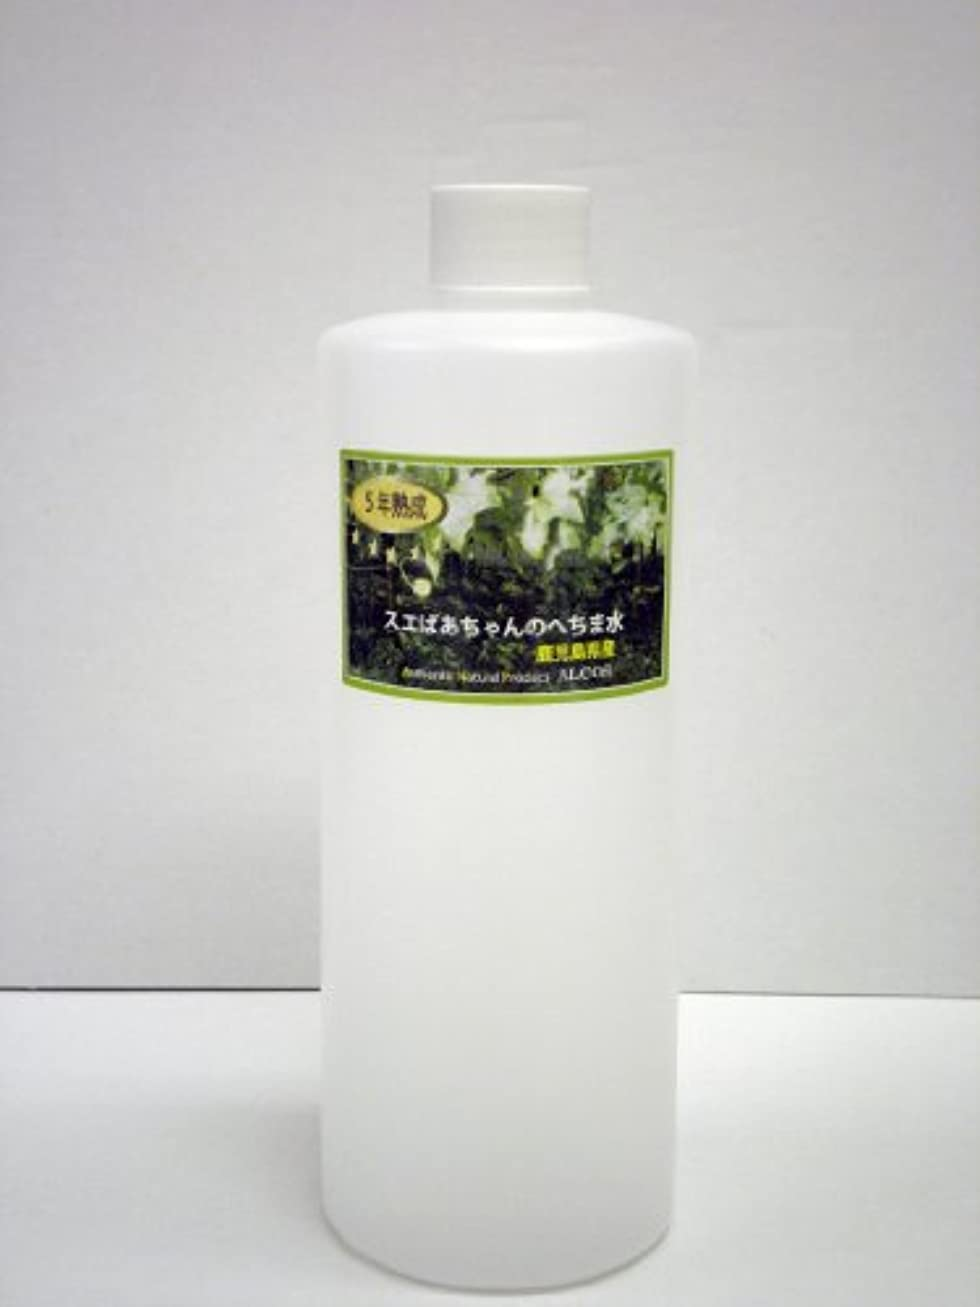 指定する許可するスタジオ5年熟成スエばあちゃんのへちま水(容量500ml)鹿児島県産?有機栽培(無農薬) ※完全無添加オーガニックヘチマ水100% ※商品のラベルはスエばあちゃんのへちま畑の写真です。ALCOS(アルコス) 天然水ヘチマ [5年...